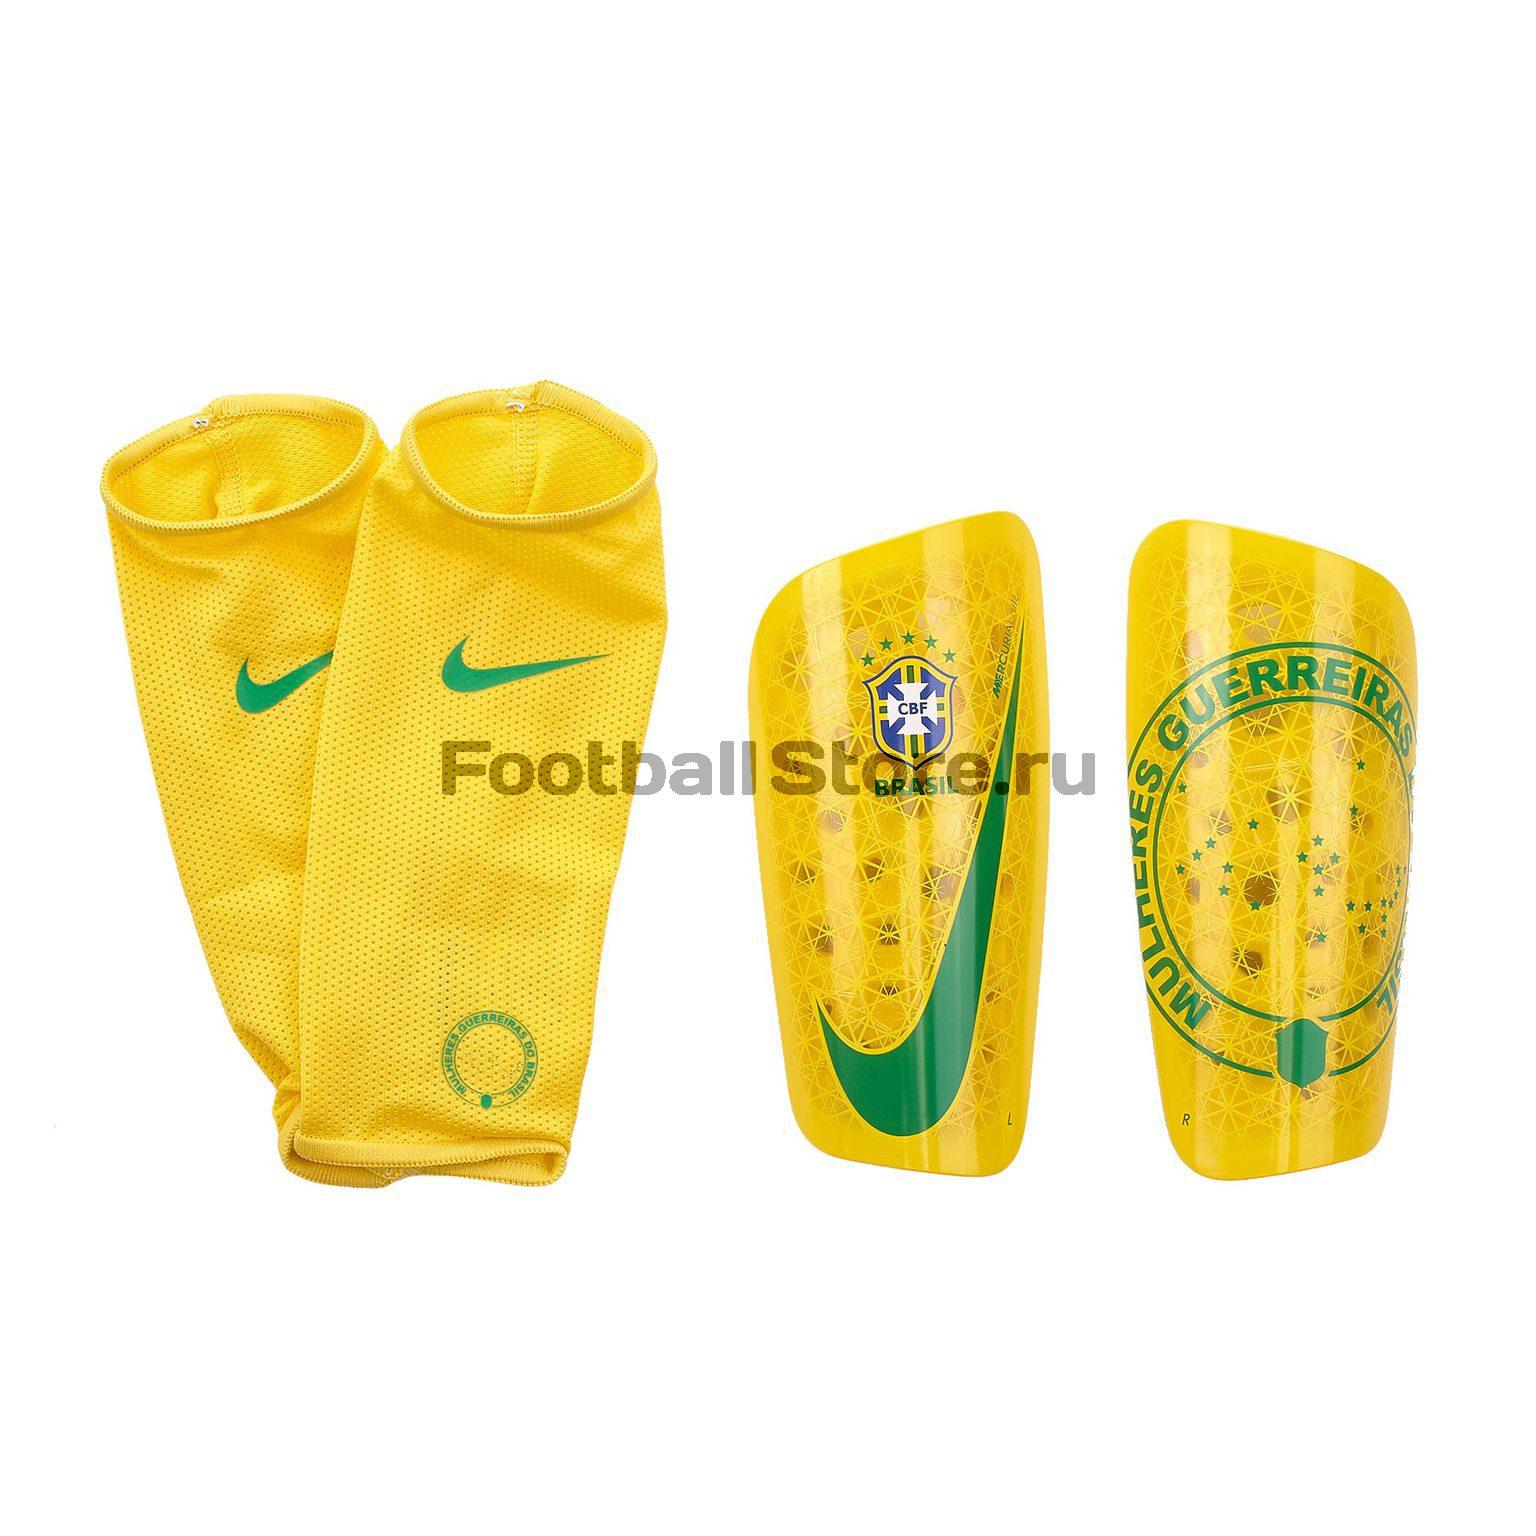 Щитки Nike сборной Бразилии SP2180-749